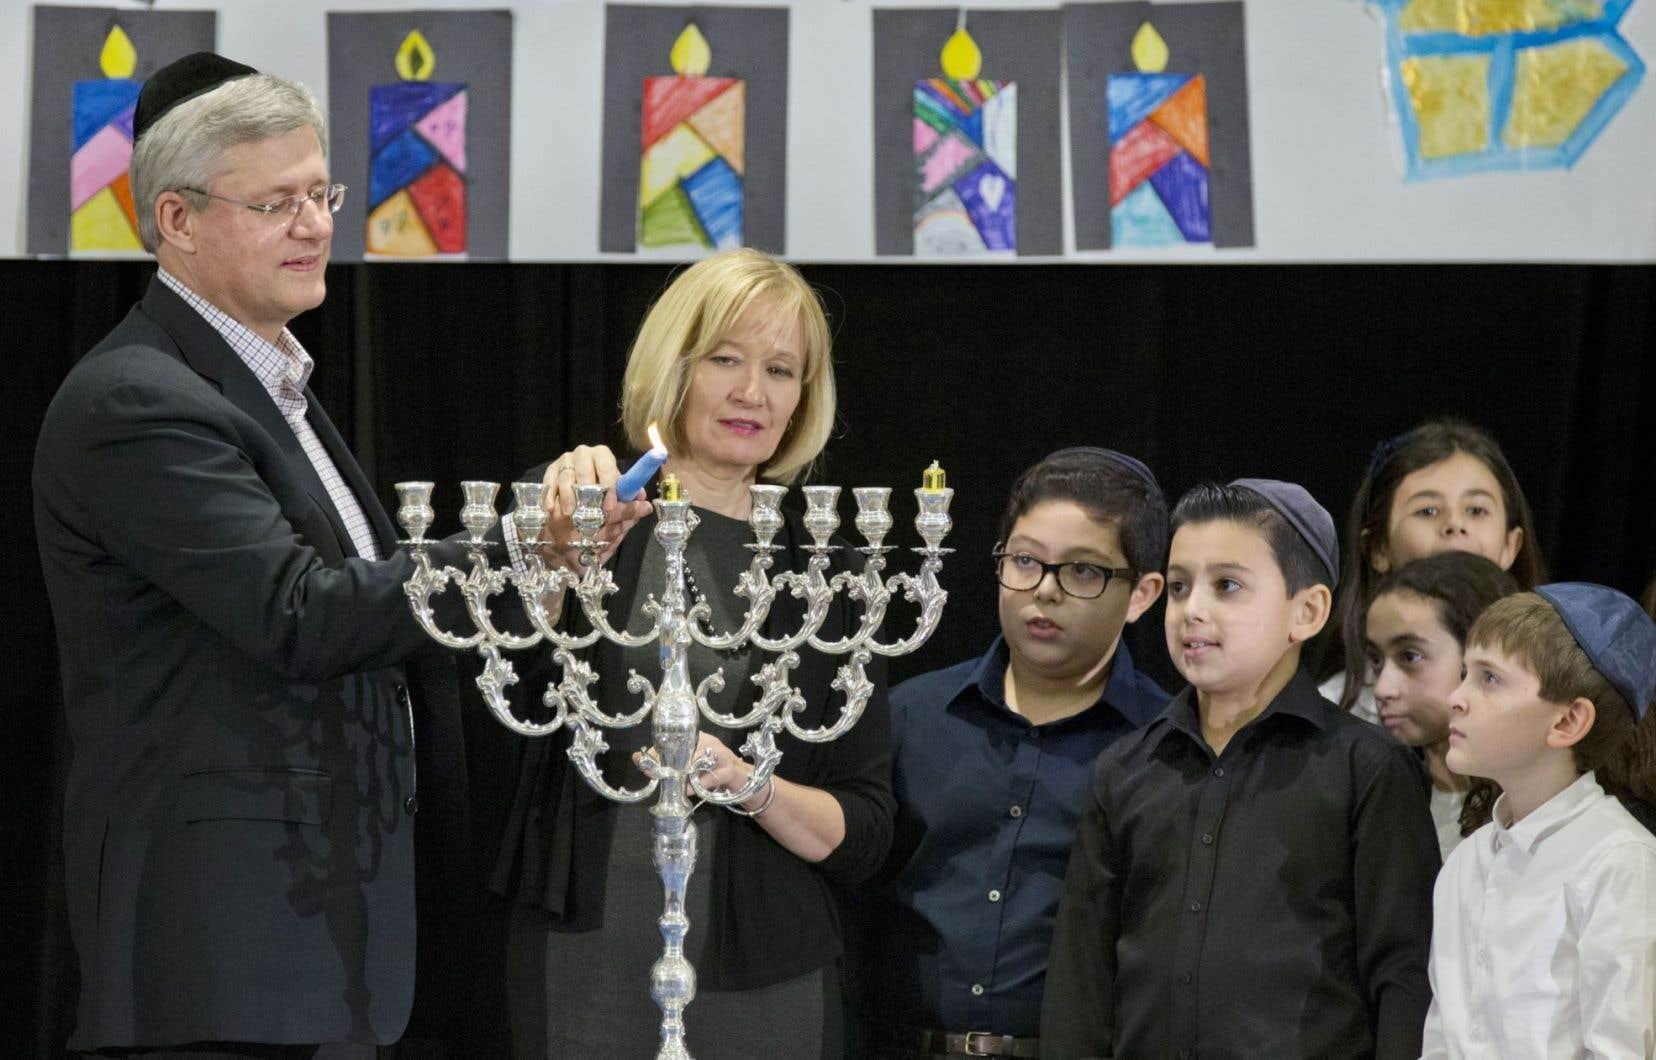 À Montréal en soirée, entourés de plus de 350 membres de la communauté juive, Stephen Harper et son épouse Laureen ont allumé la première bougie marquant le début de la fête de Hanoukka.